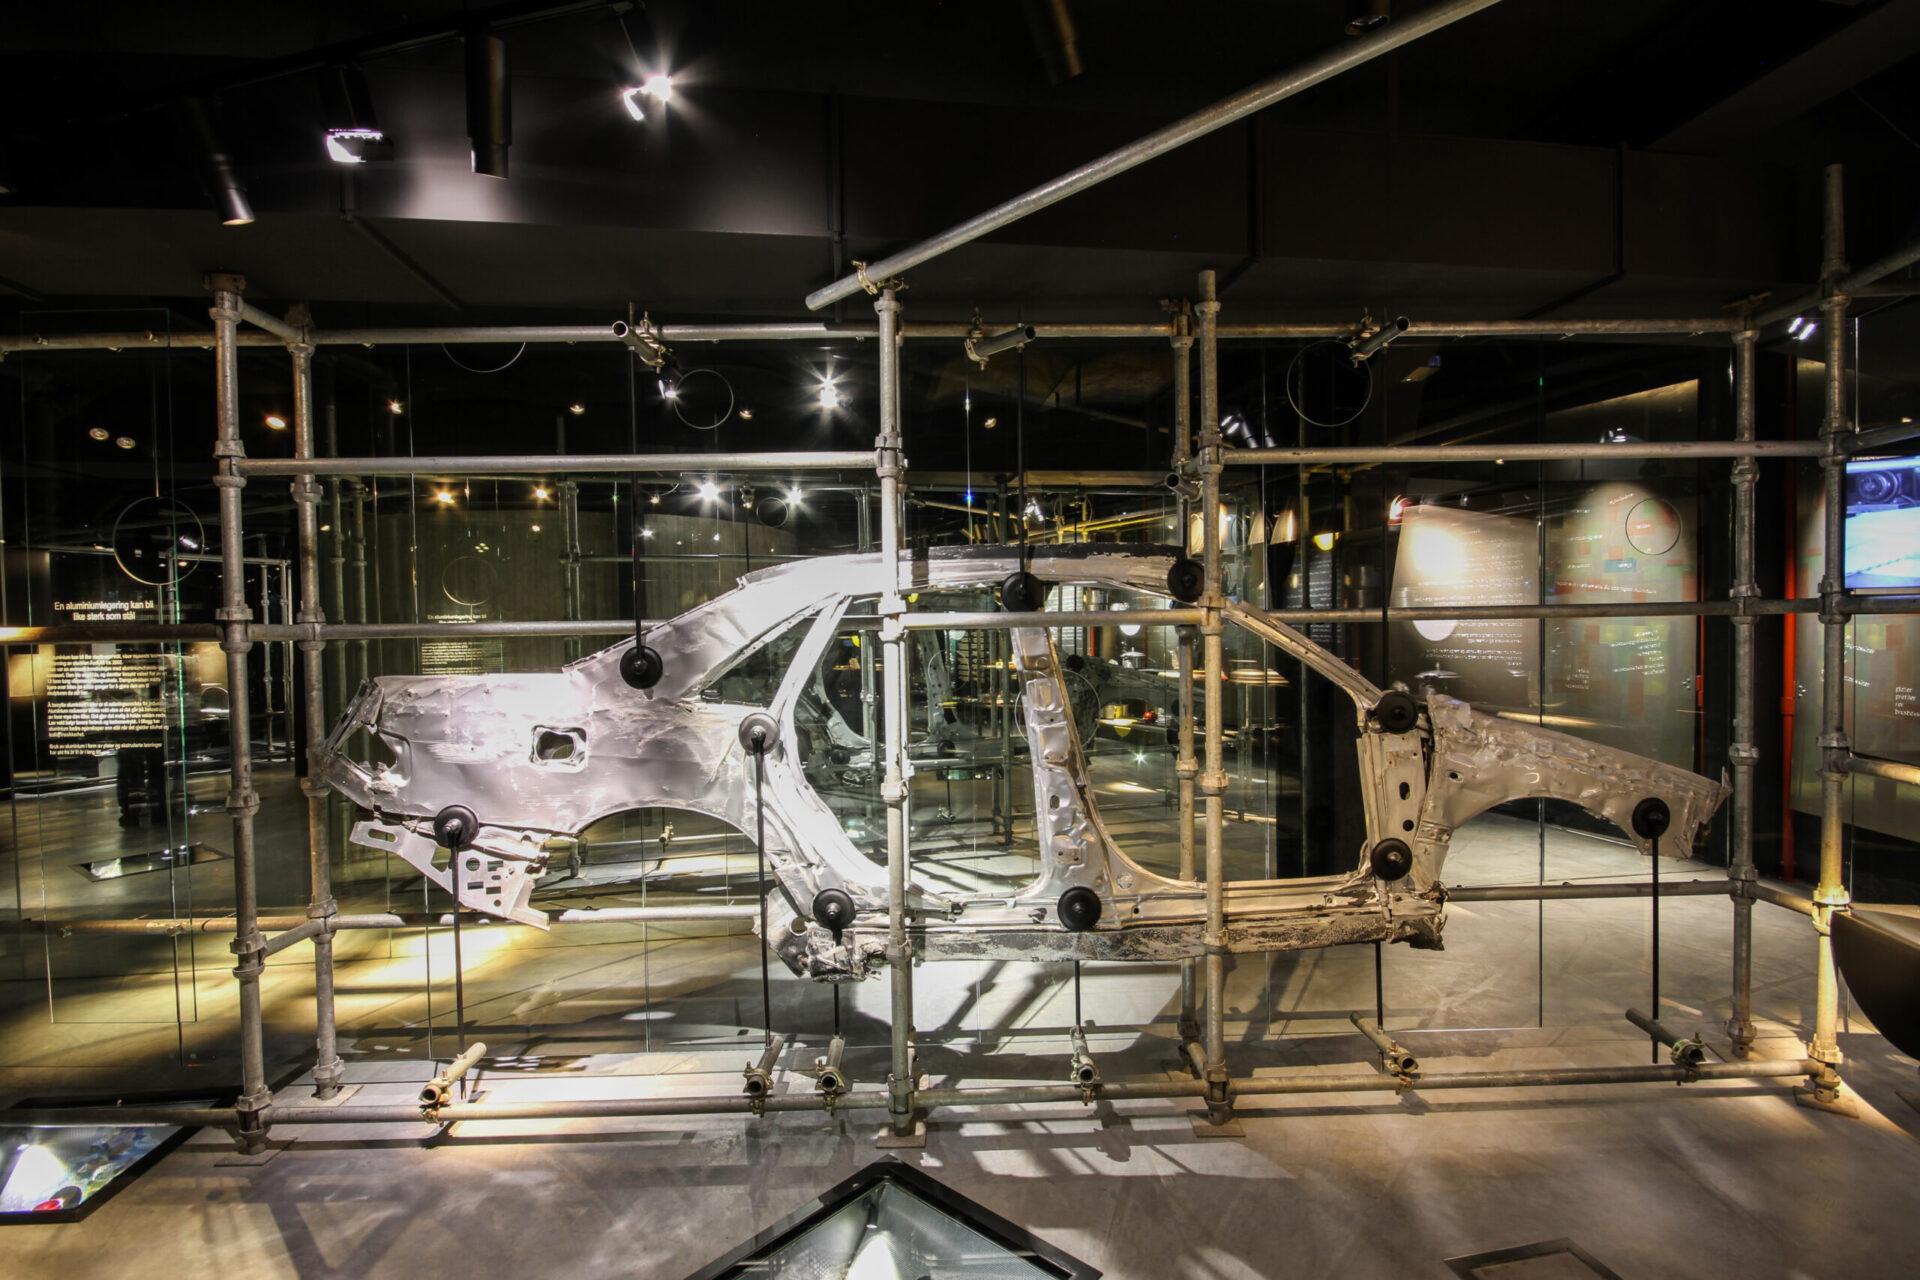 Bilde fra aluminiumsmuseet. Utsnitt av en bil.